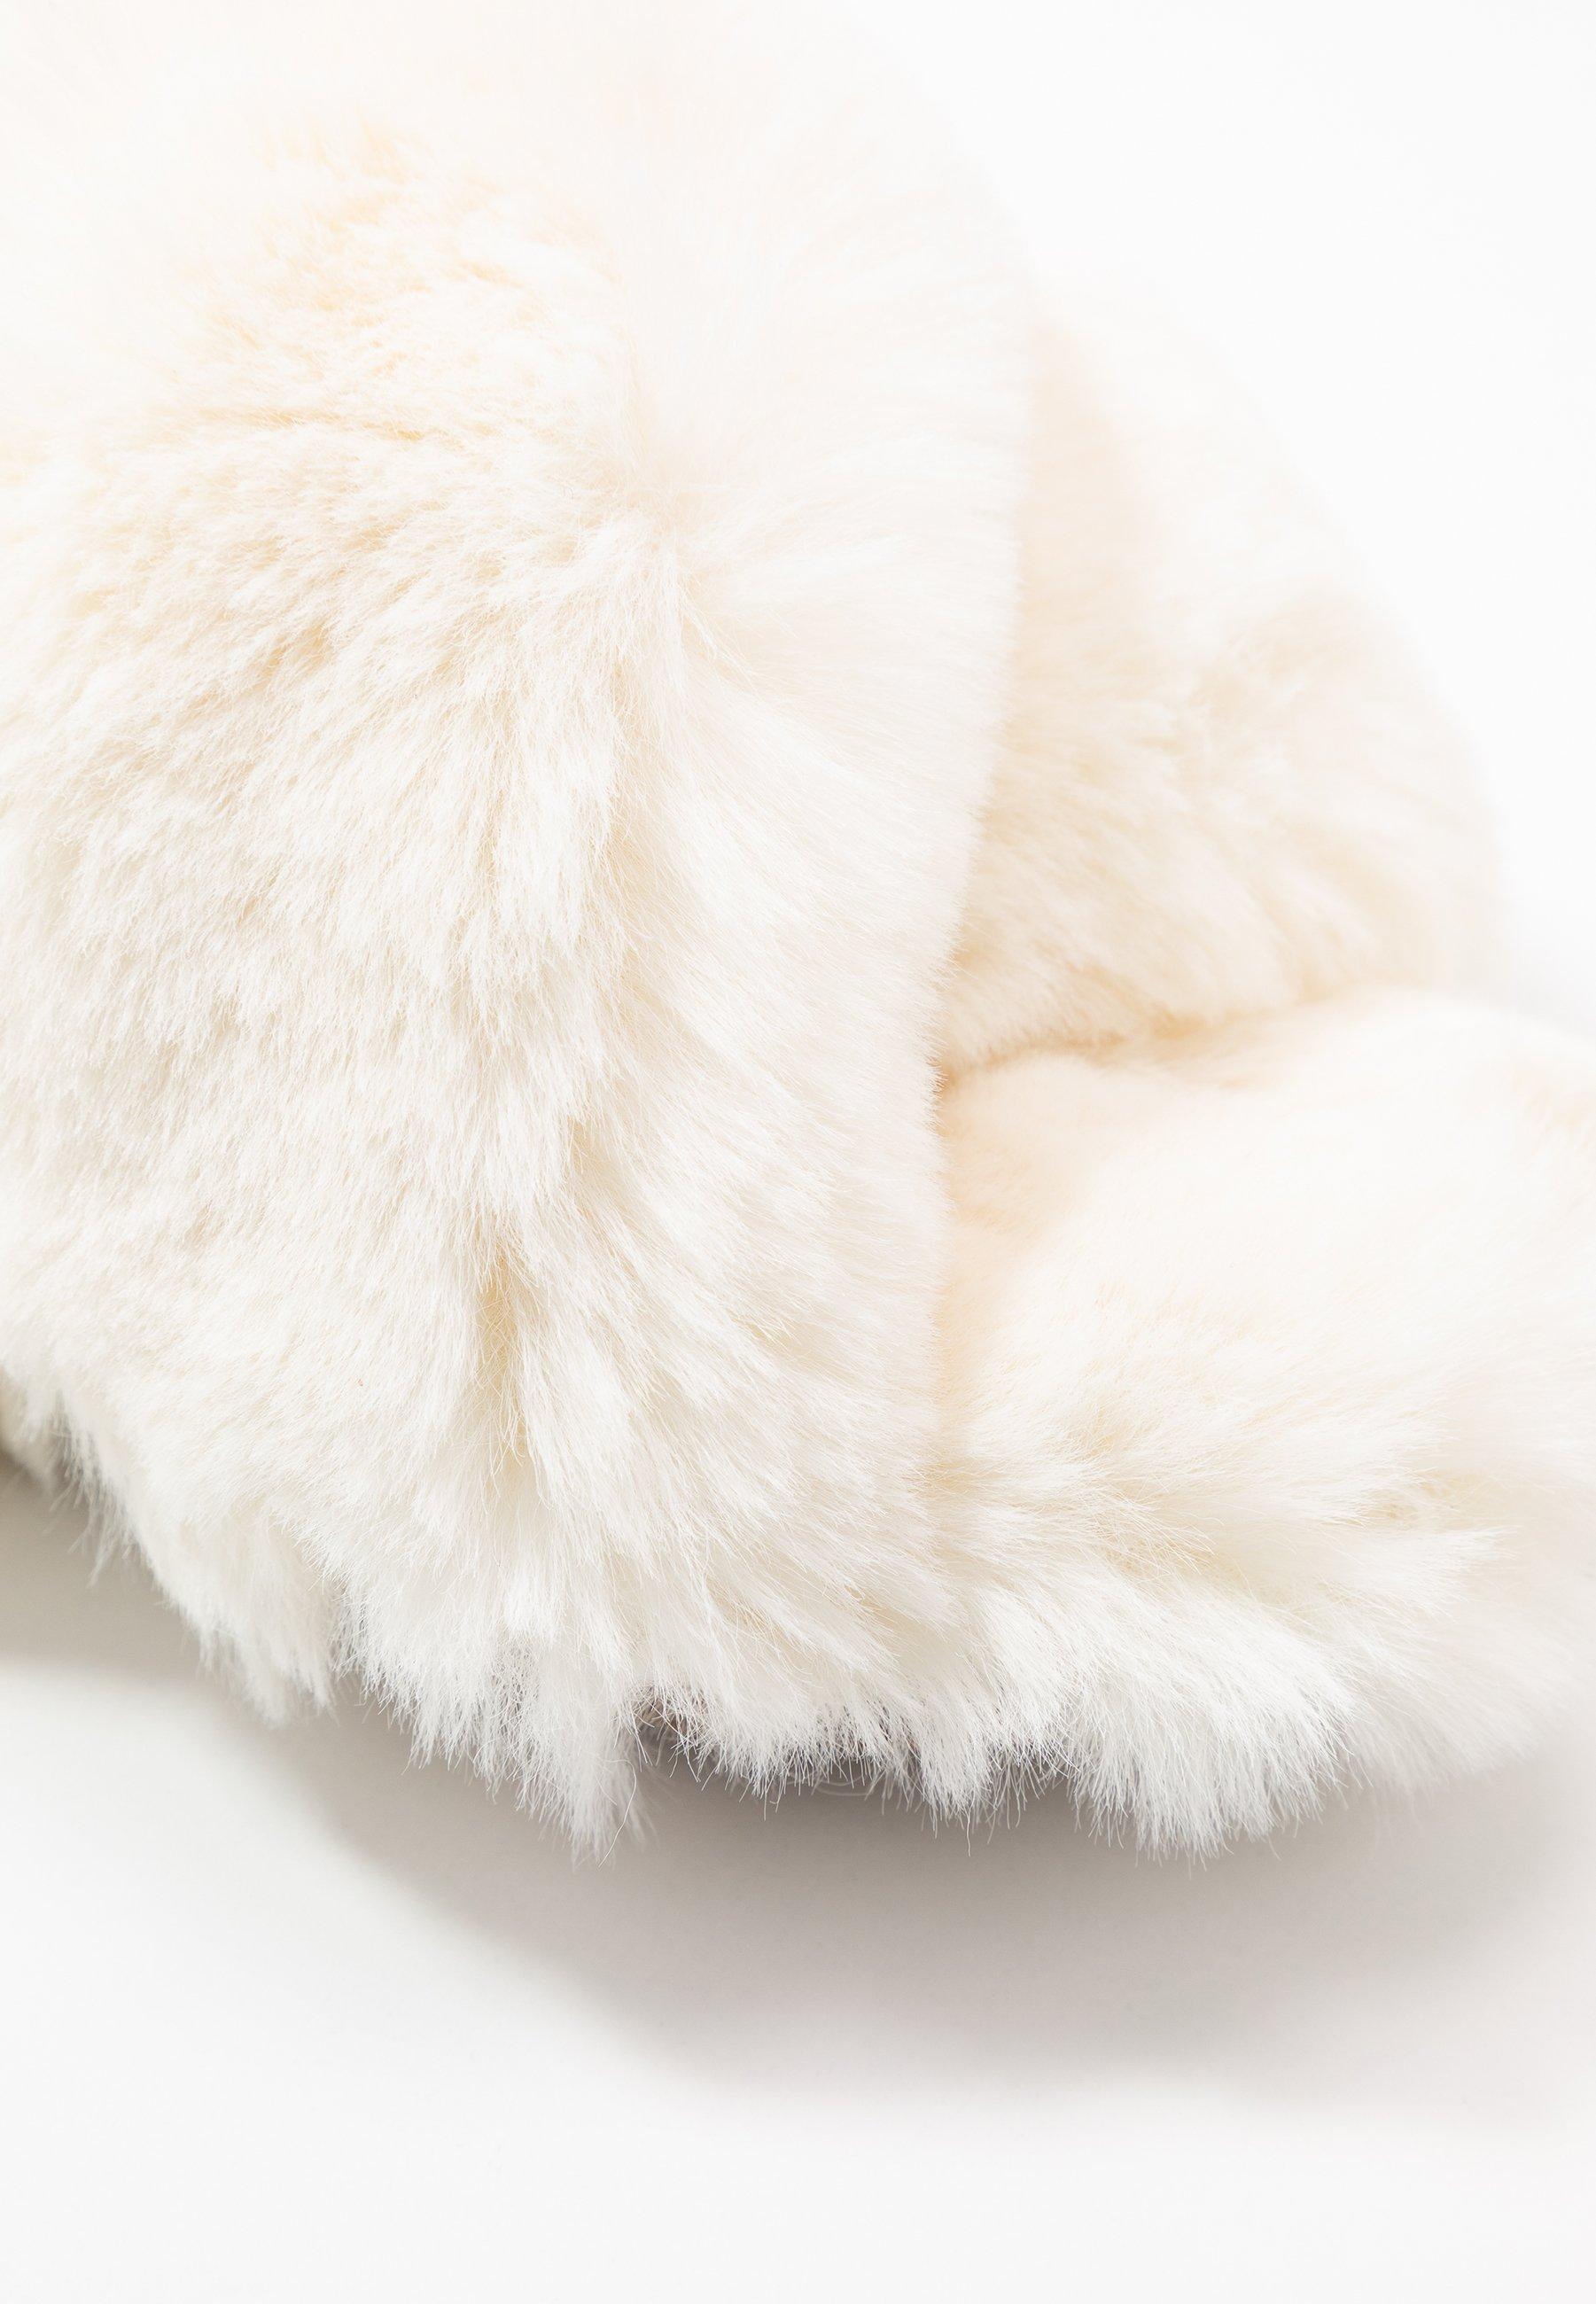 Collecties Best Verkopende Damesschoenen PsdkjGXhisd J.CREW FUZZY CROSSED Pantoffels ivory WOCpyGD